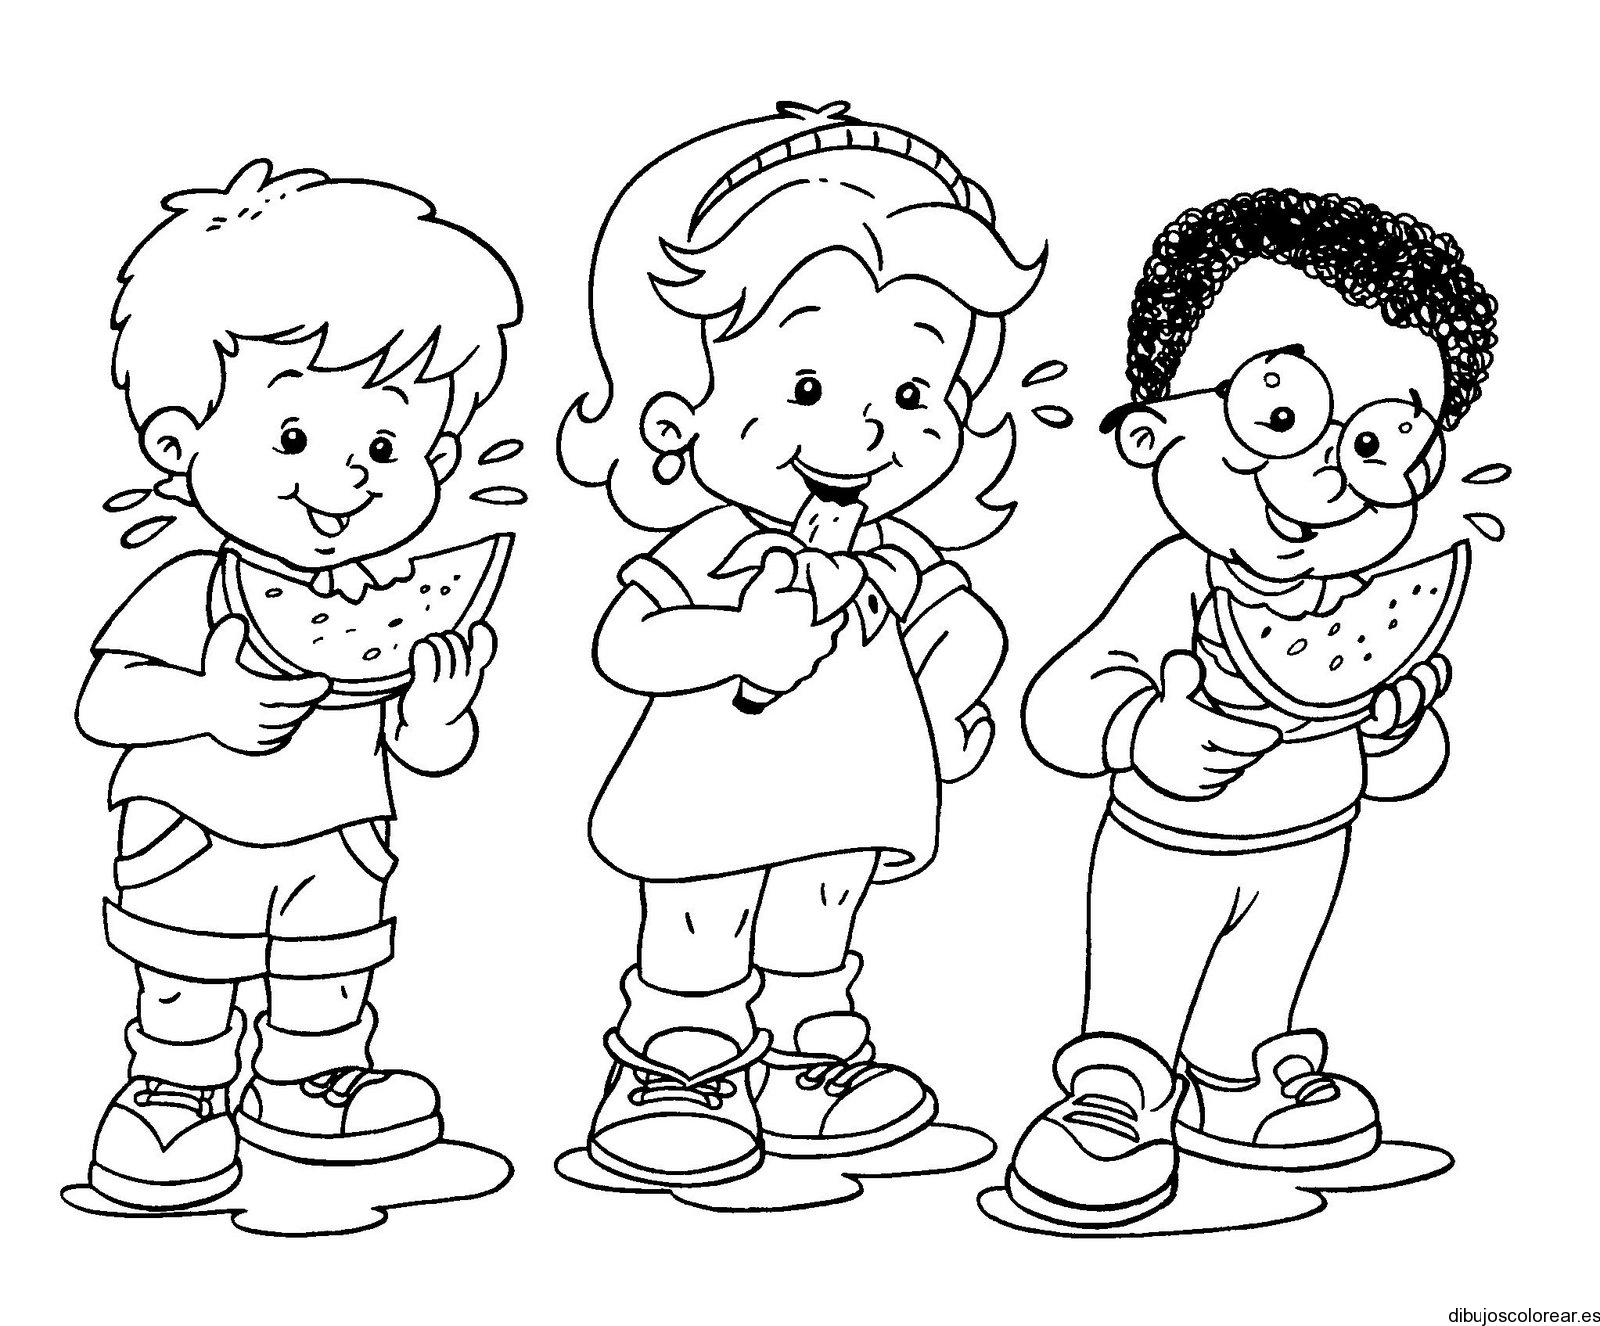 Niños comiendo para colorear - Imagui